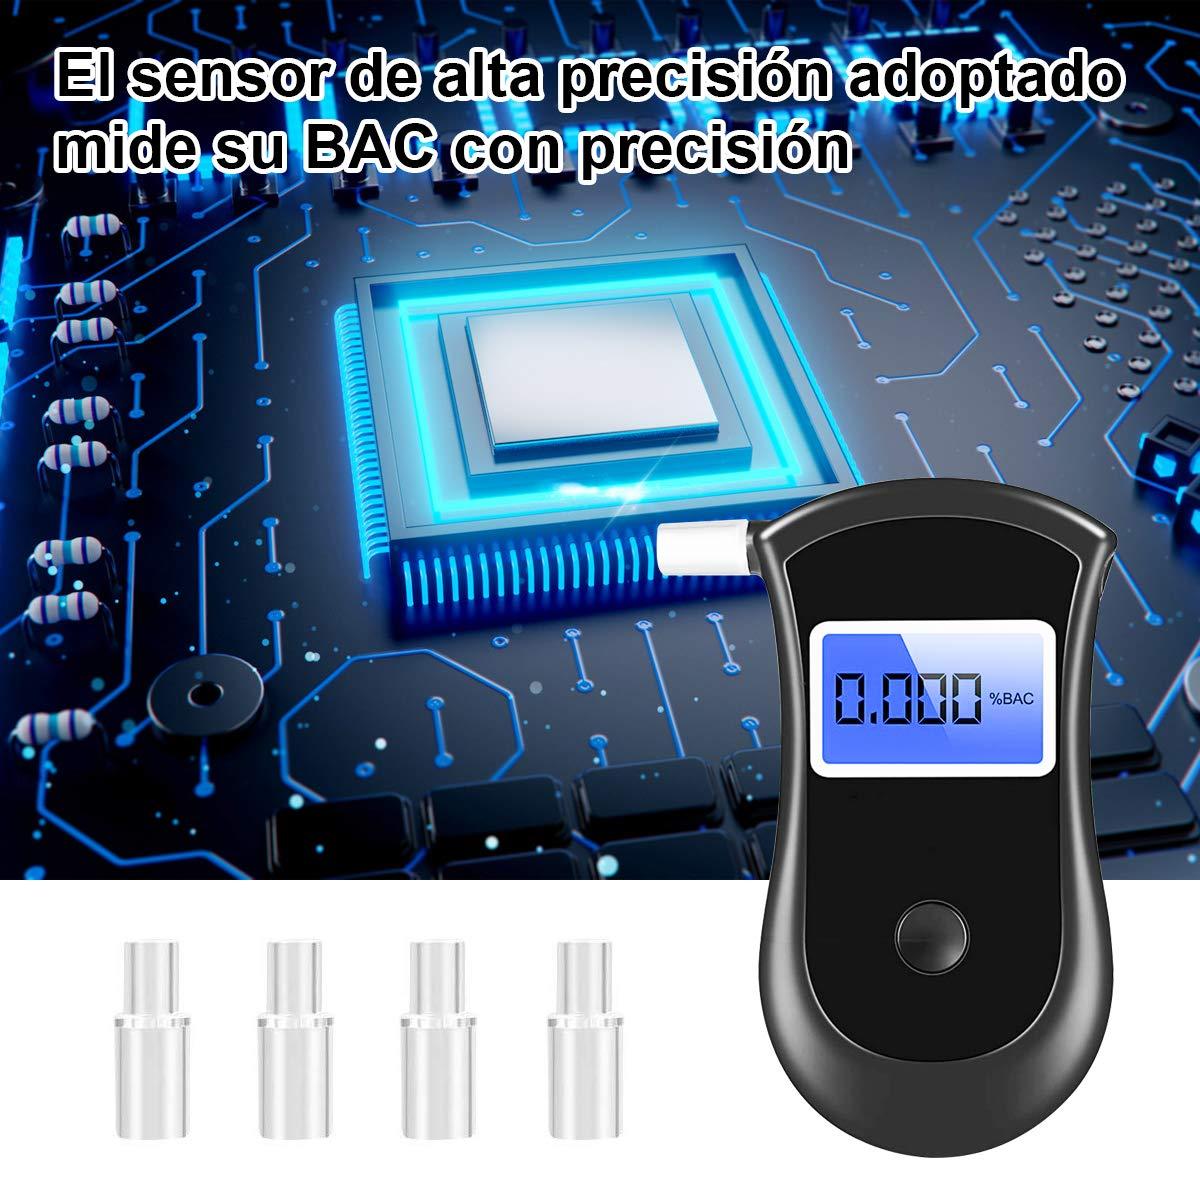 Qfun Alcoholimetro Homologado Alcolimetros Homologados con Pantalla LCD Control Alcoholemia Electroqu/íMico Semi-Conductor de Sensor 4 Boquillas Etilometros de Alcoholemia